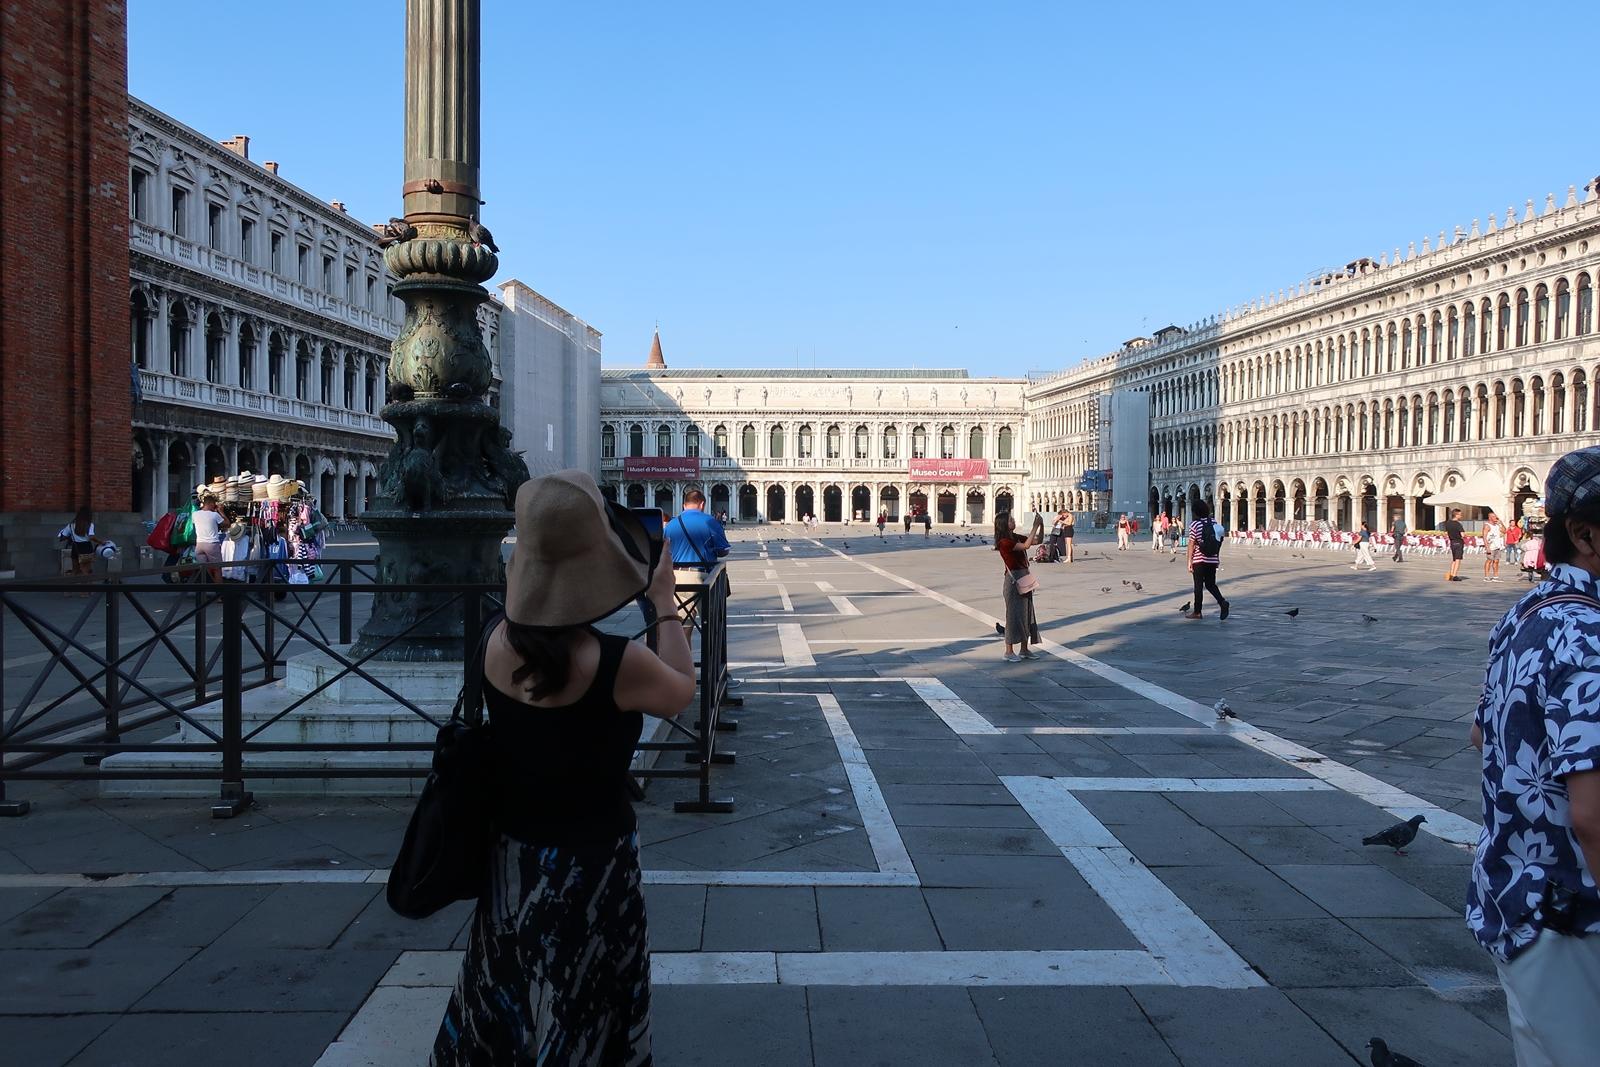 IMG_1189(Venezia_Piazza).jpg